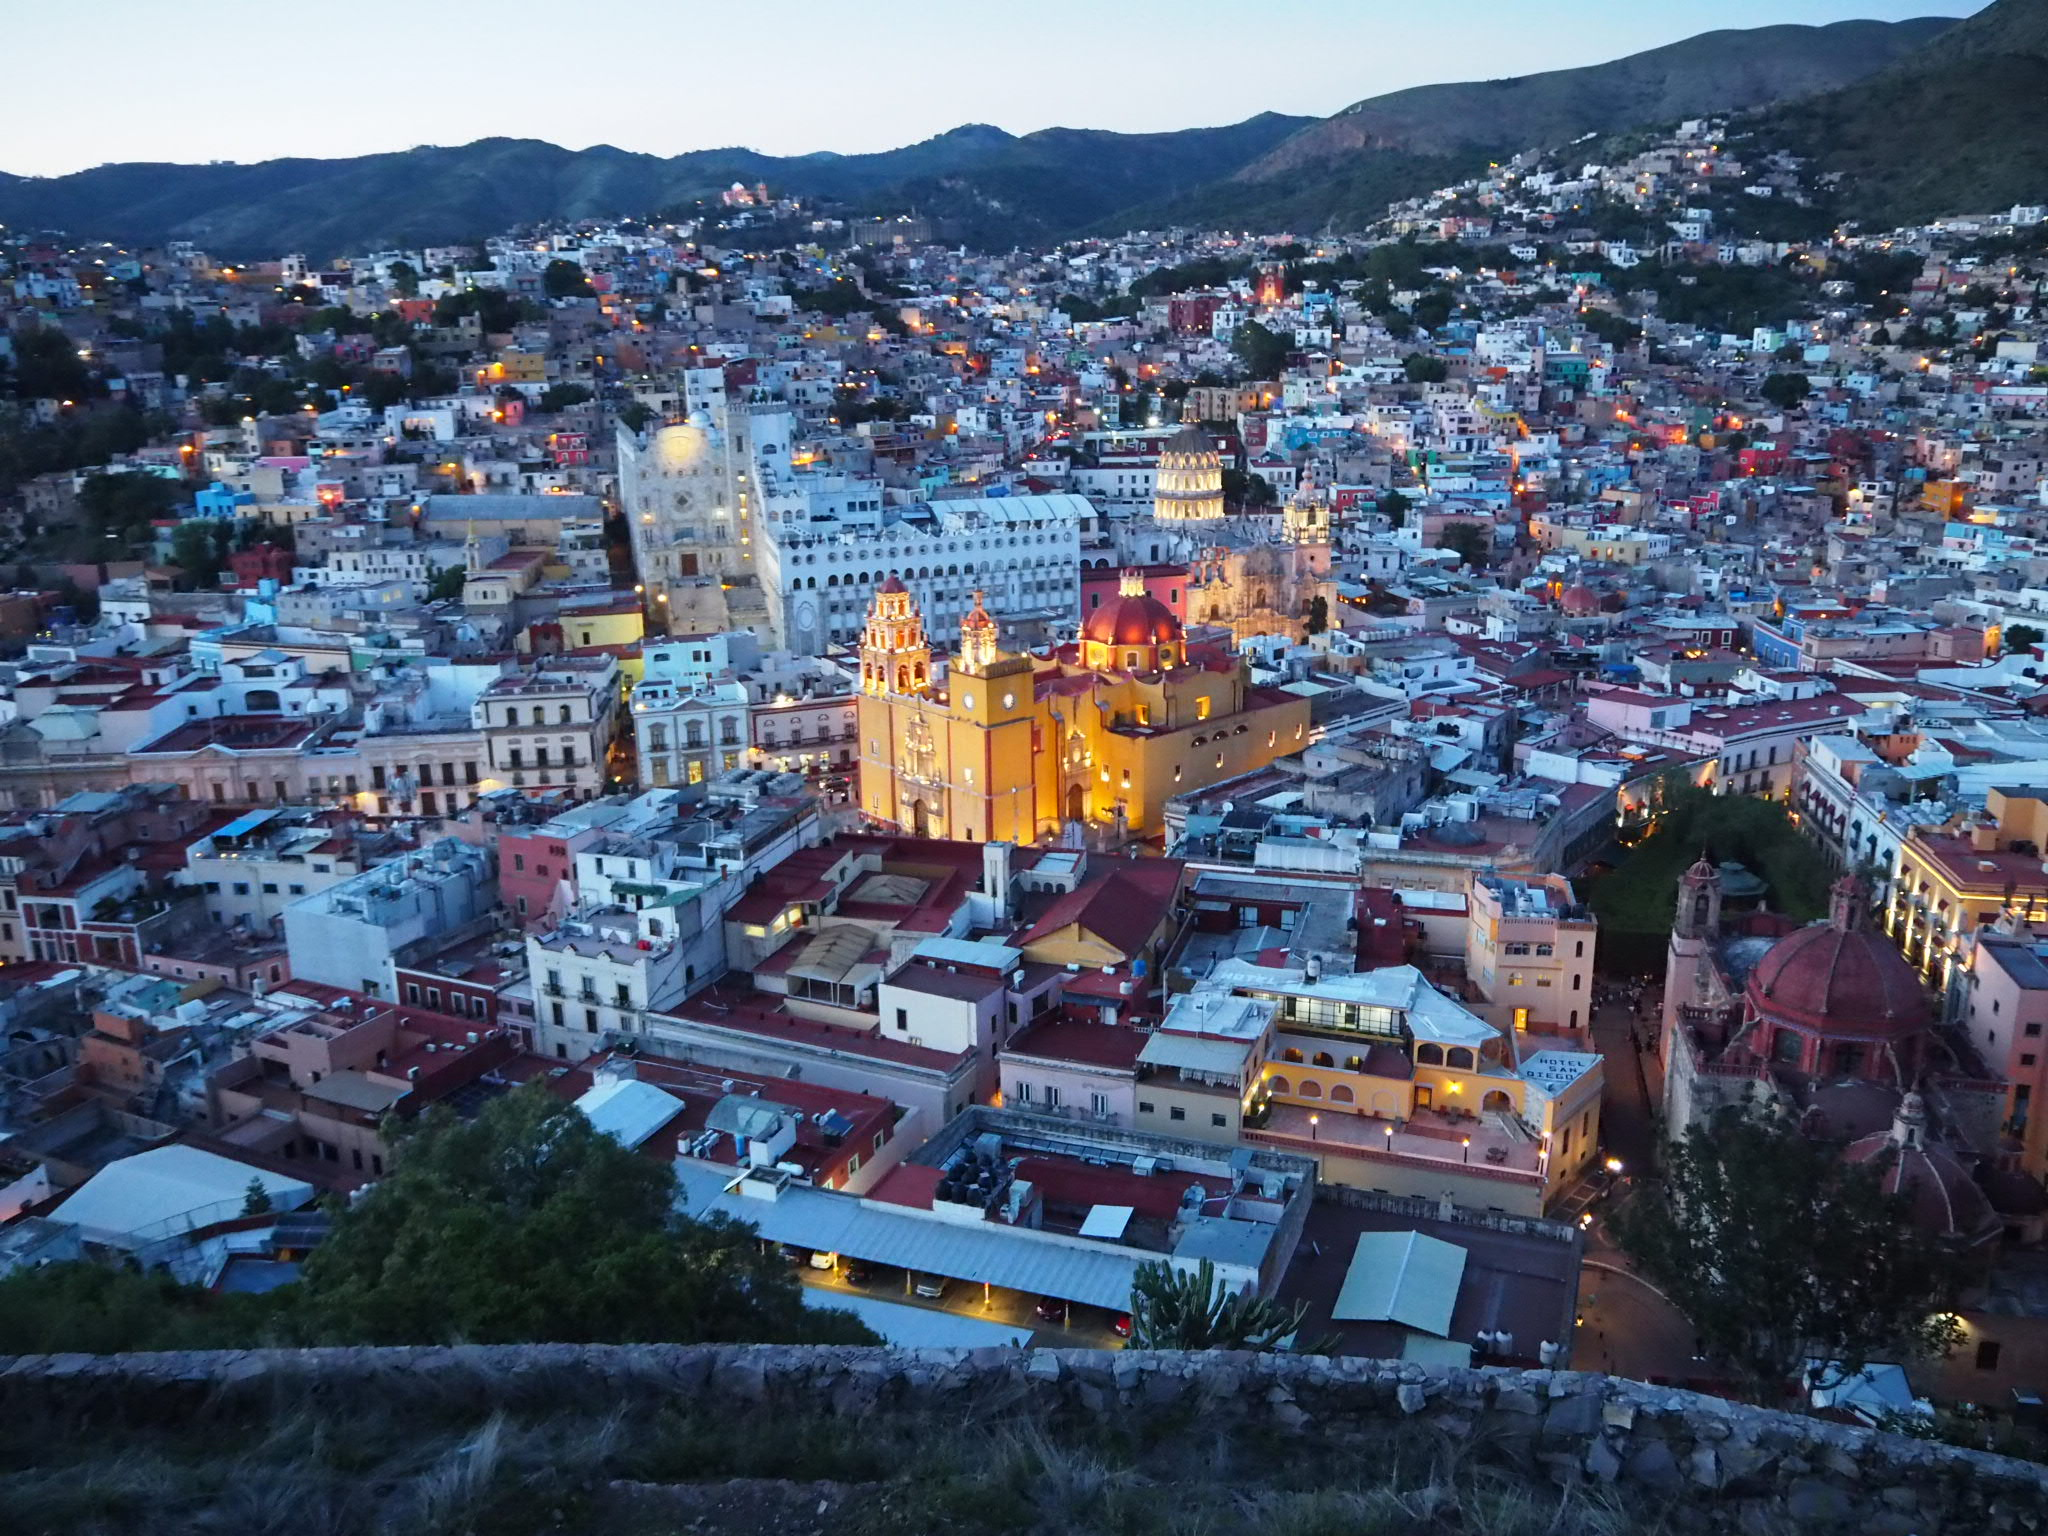 La Pipila Guanajuato Mexico.